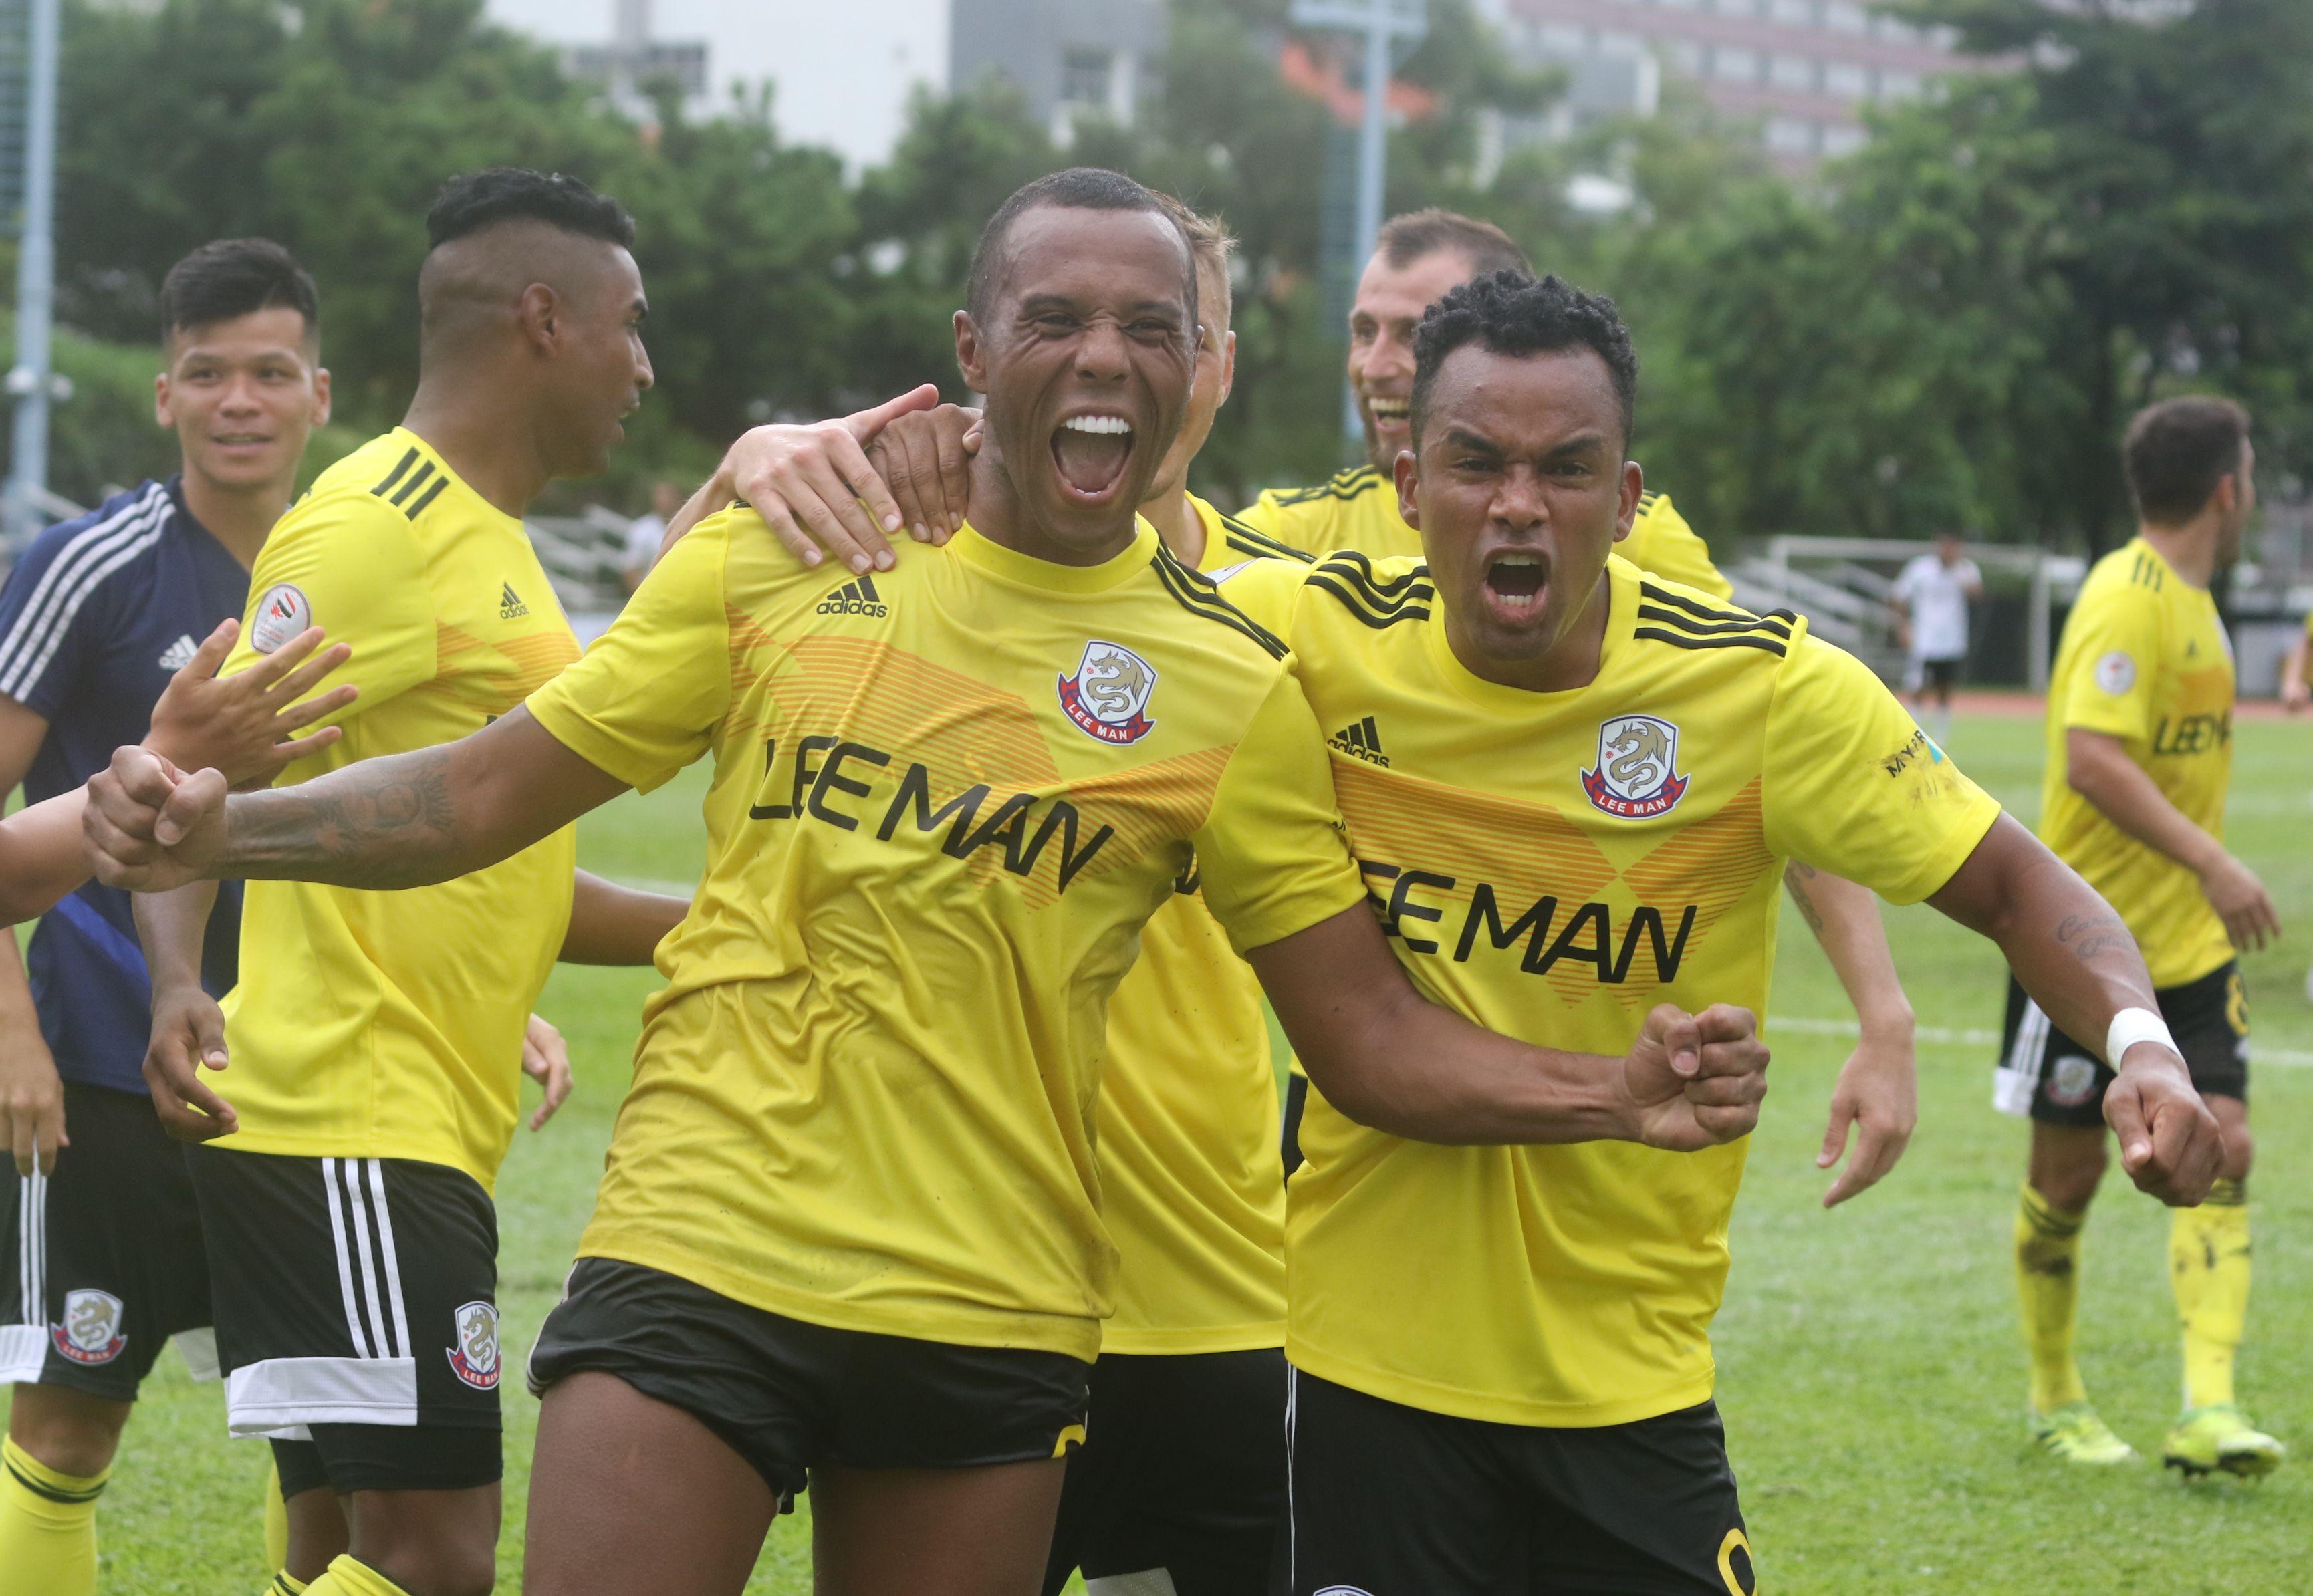 尼迪利(左)連中三元,入球後高呼慶祝。王嘉豪攝